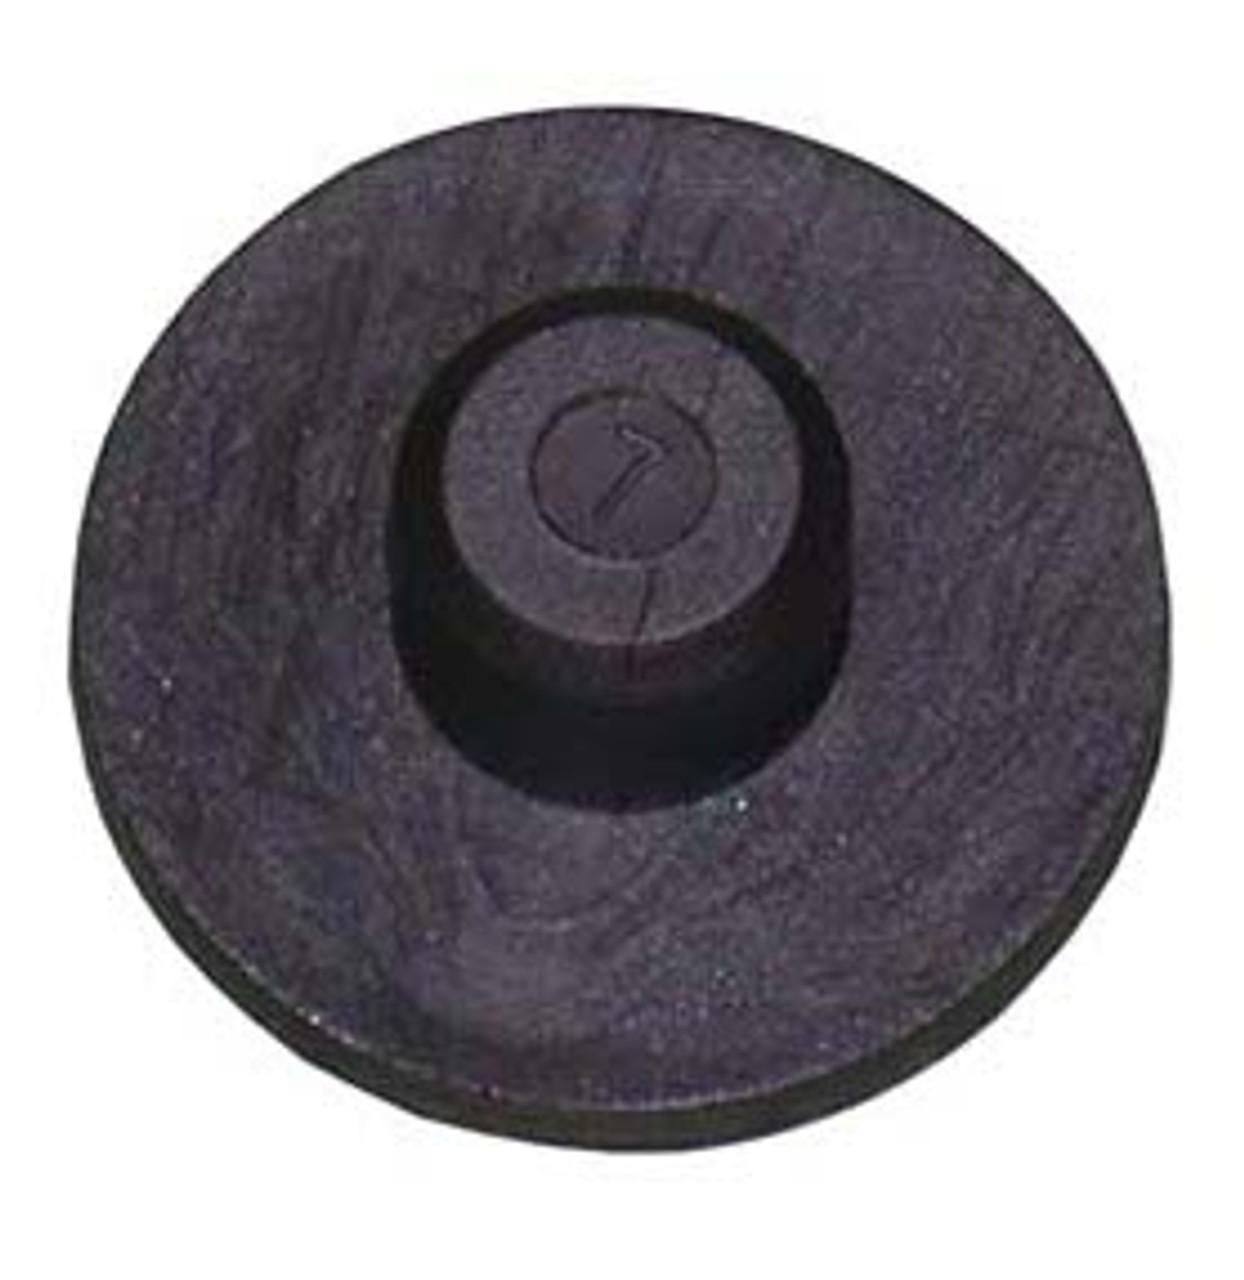 10209 --- Model 6 & 10 Nylon Wear Buttons